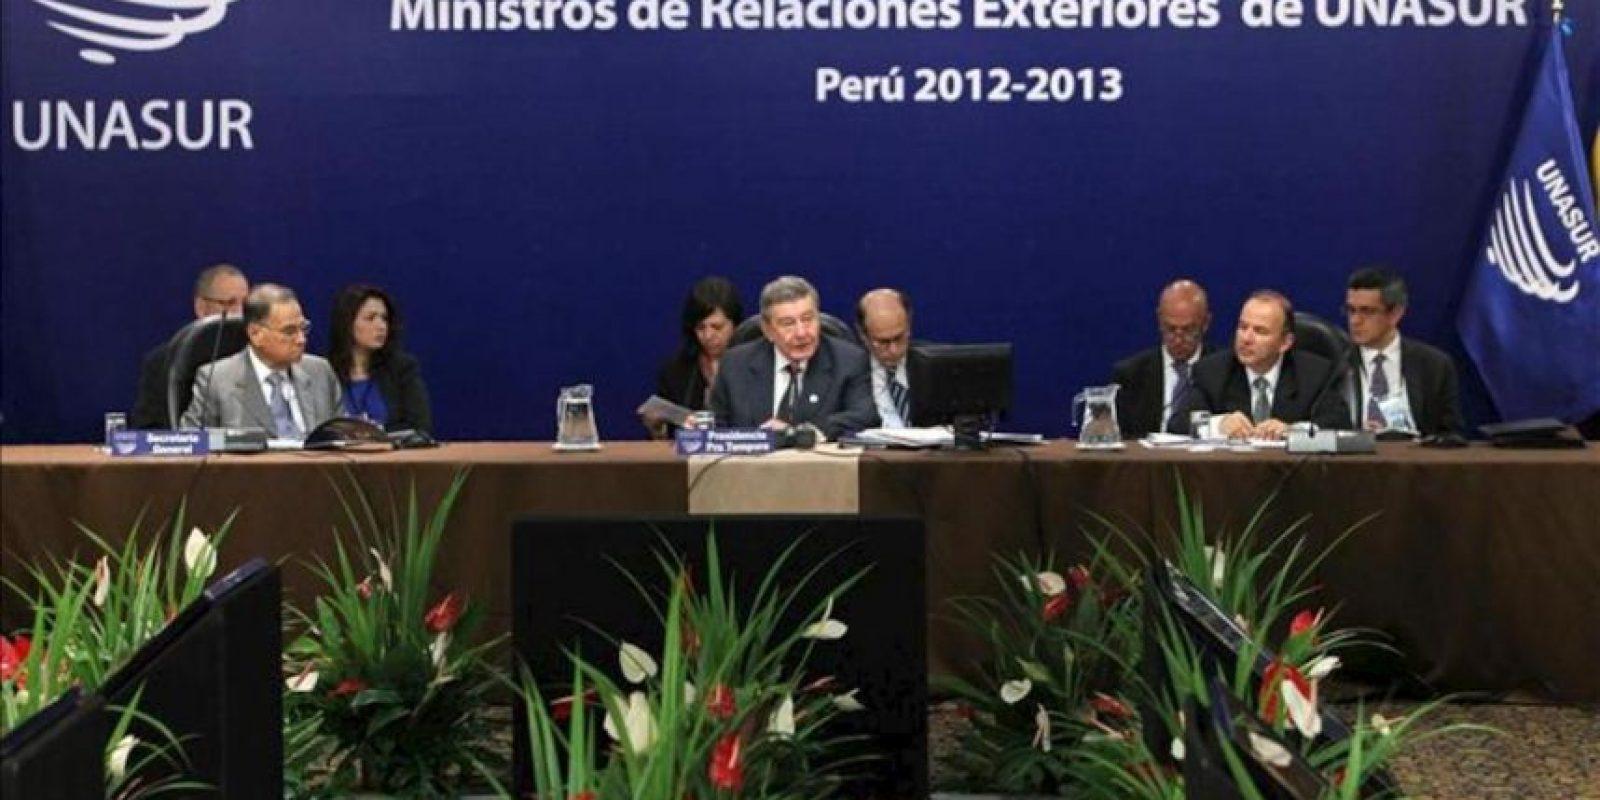 El Canciller del Perú, Rafael Roncagliolo (c), inaugura la Reunión Ordinaria del Consejo de Ministras y Ministros de Relaciones Exteriores de la Unión de Naciones Suramericanas (Unasur) este 29 de noviembre, en Lima (Perú). EFE